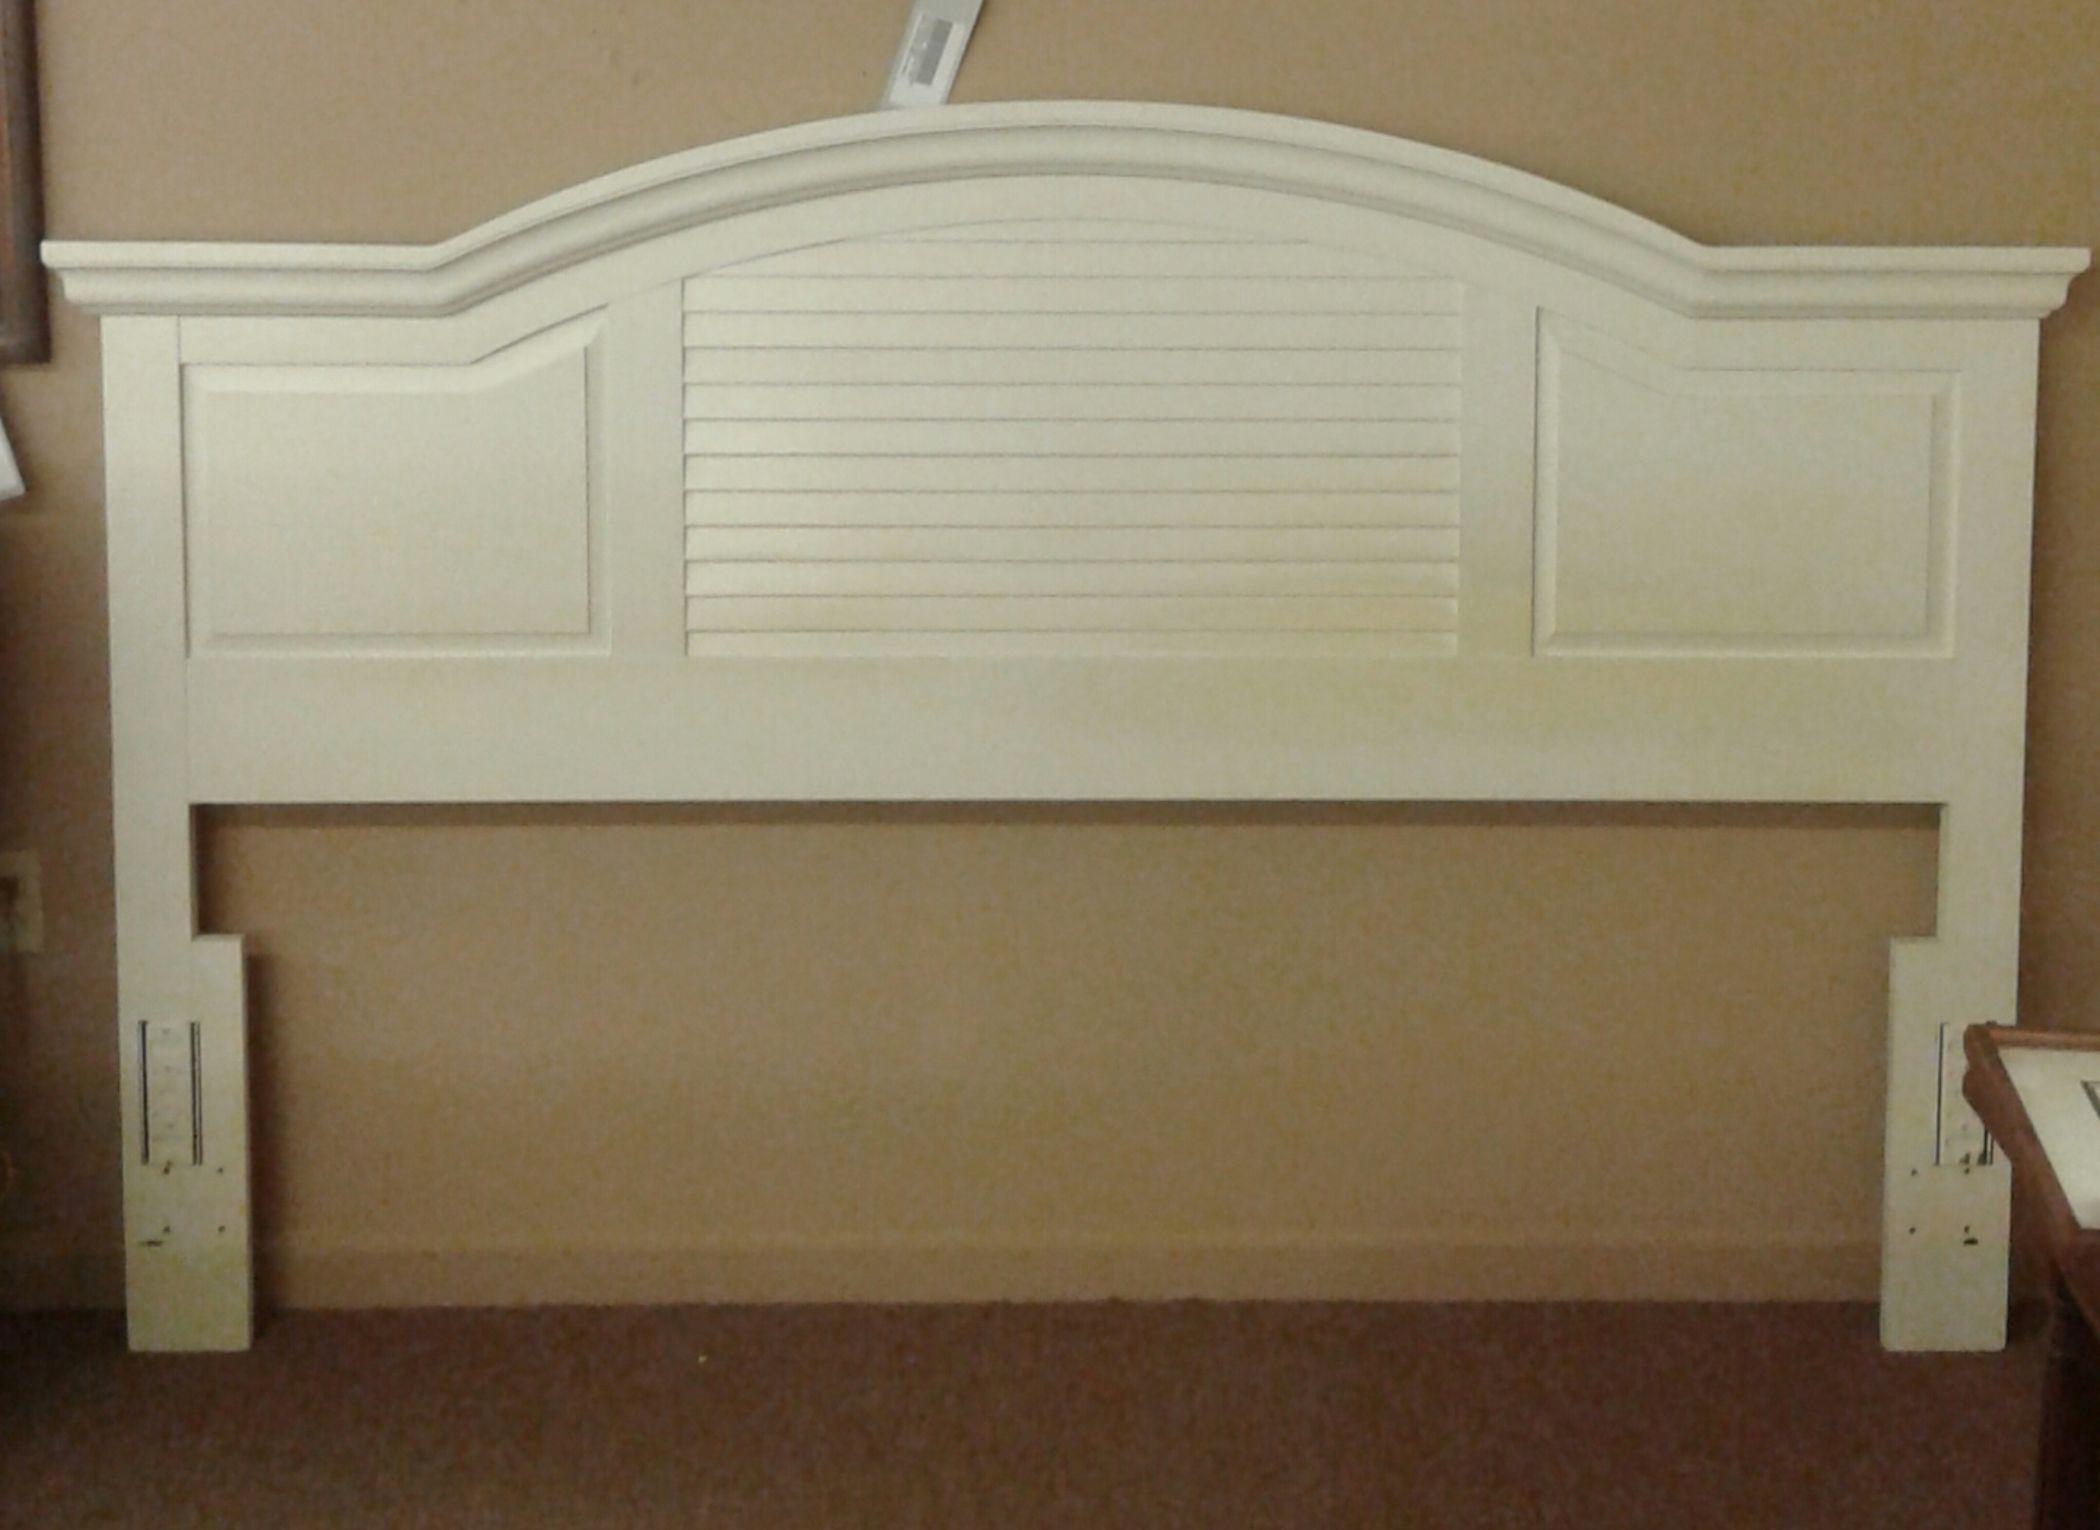 Broyhill King White Headboard Delmarva Furniture Consignment